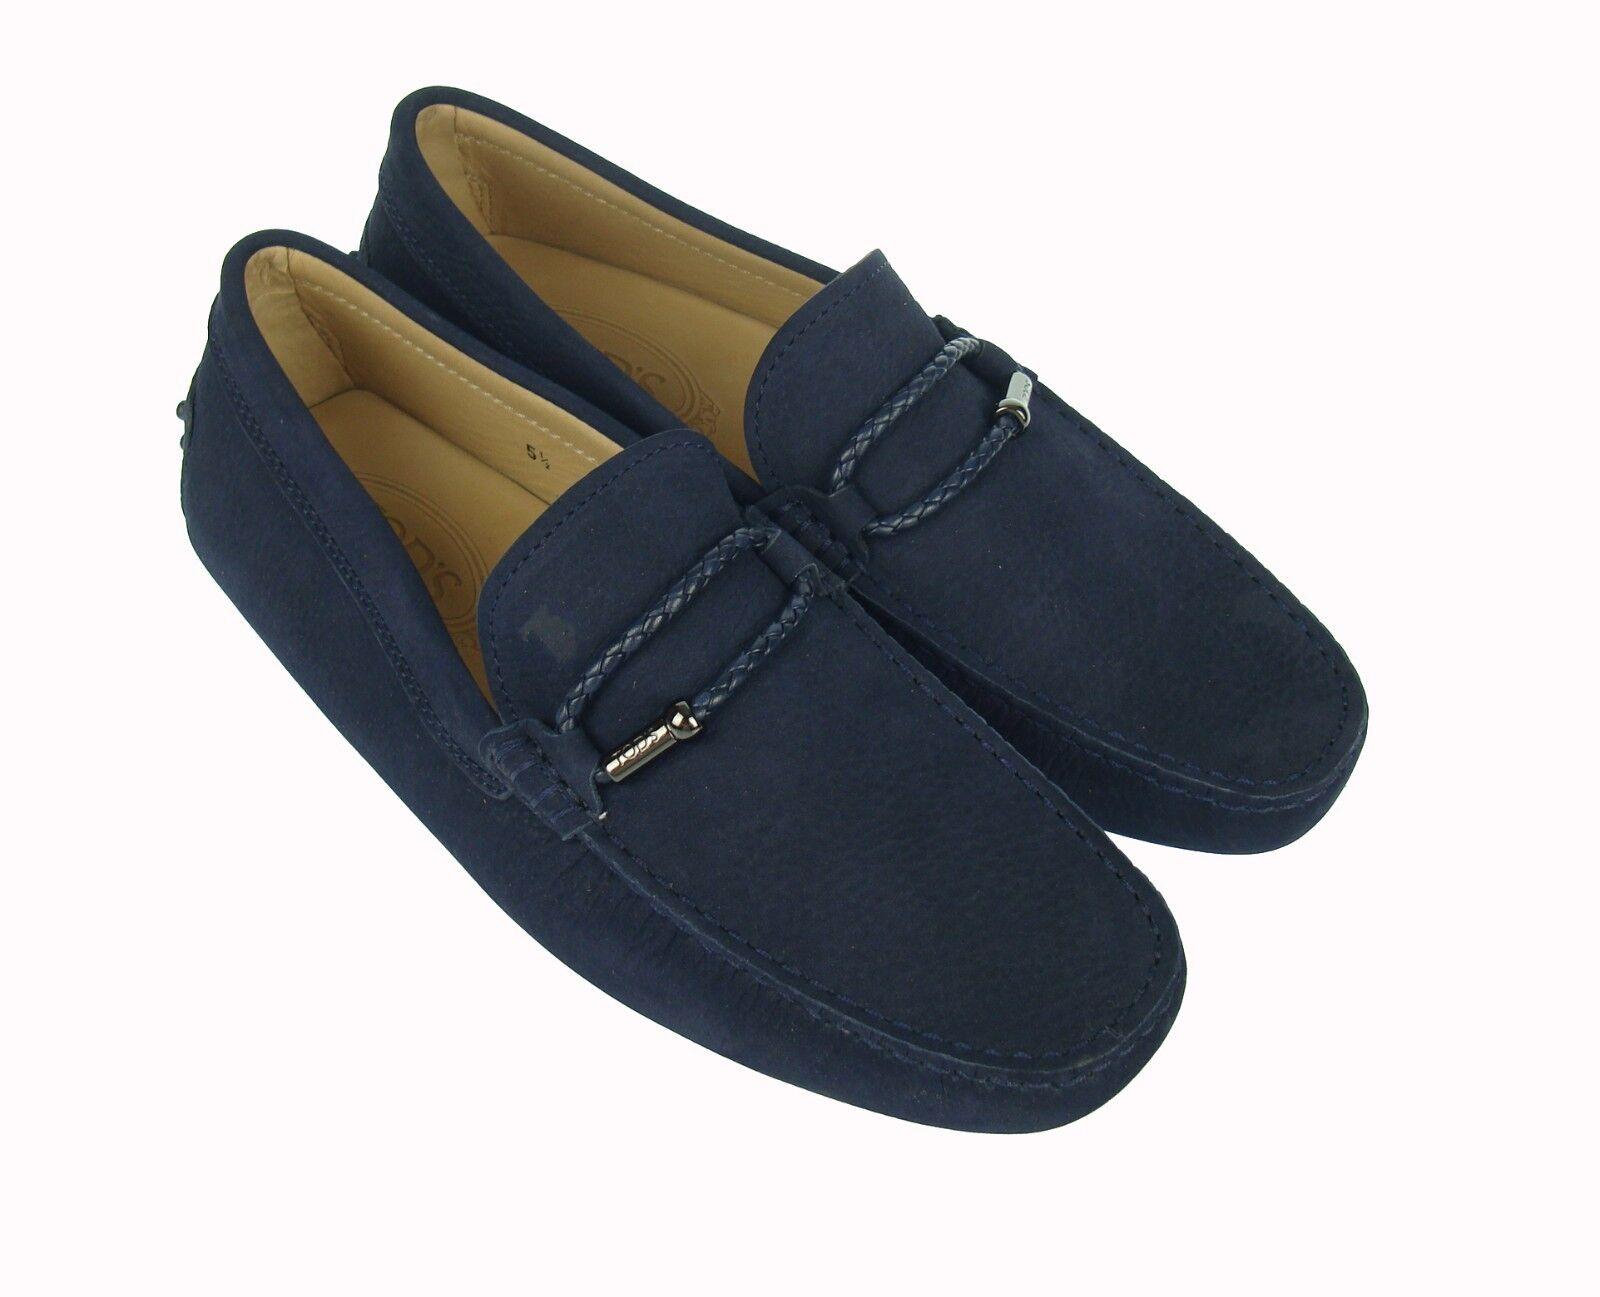 all'ingrosso a buon mercato Tod's uomo scarpe mocassins loafers GOMMINO DRIVER DRIVER DRIVER  550 100% AUTENTHIC ps6  nelle promozioni dello stadio